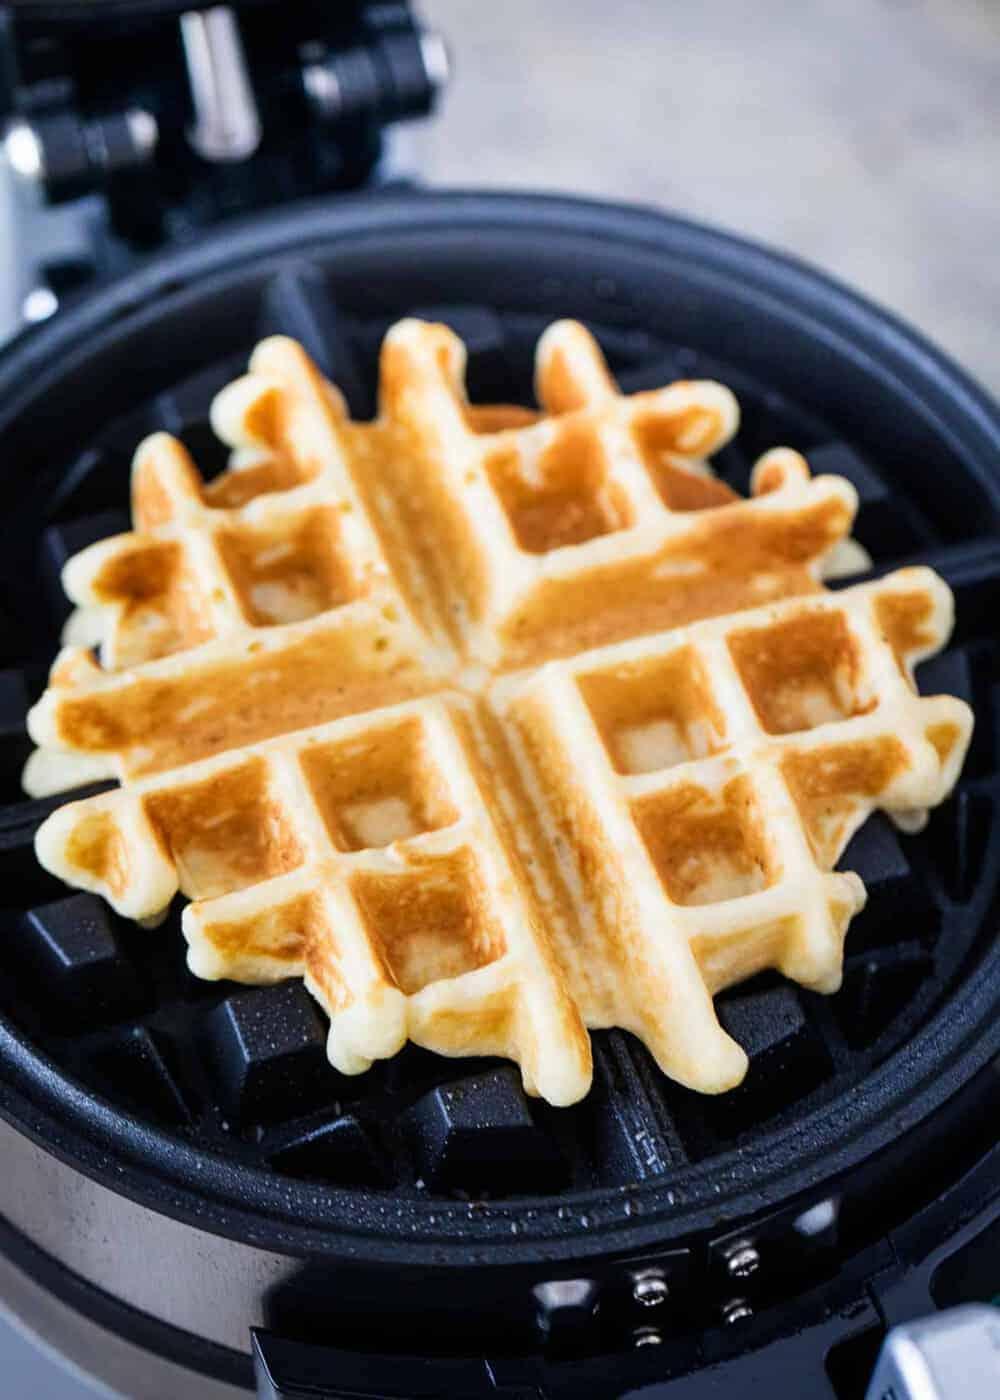 homemade waffles on waffle iron